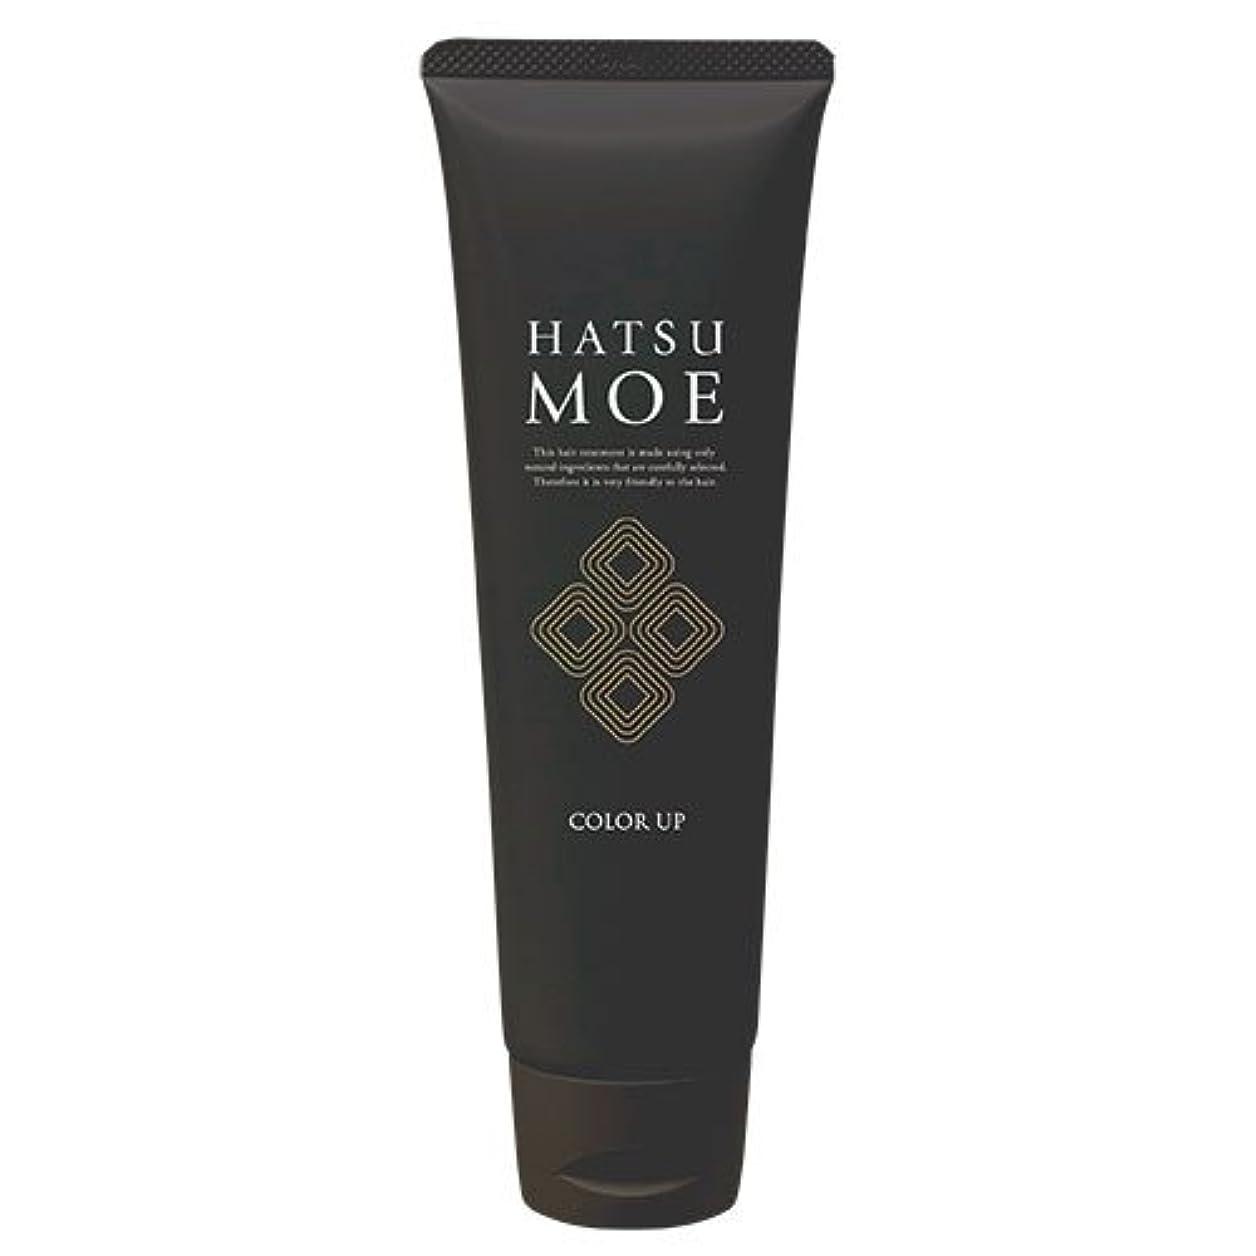 シーケンス面白い驚き髪萌 カラーアップ ナチュラルブラウン ヘアカラートリートメント 白髪染め 女性 男性 天然植物由来成分使用